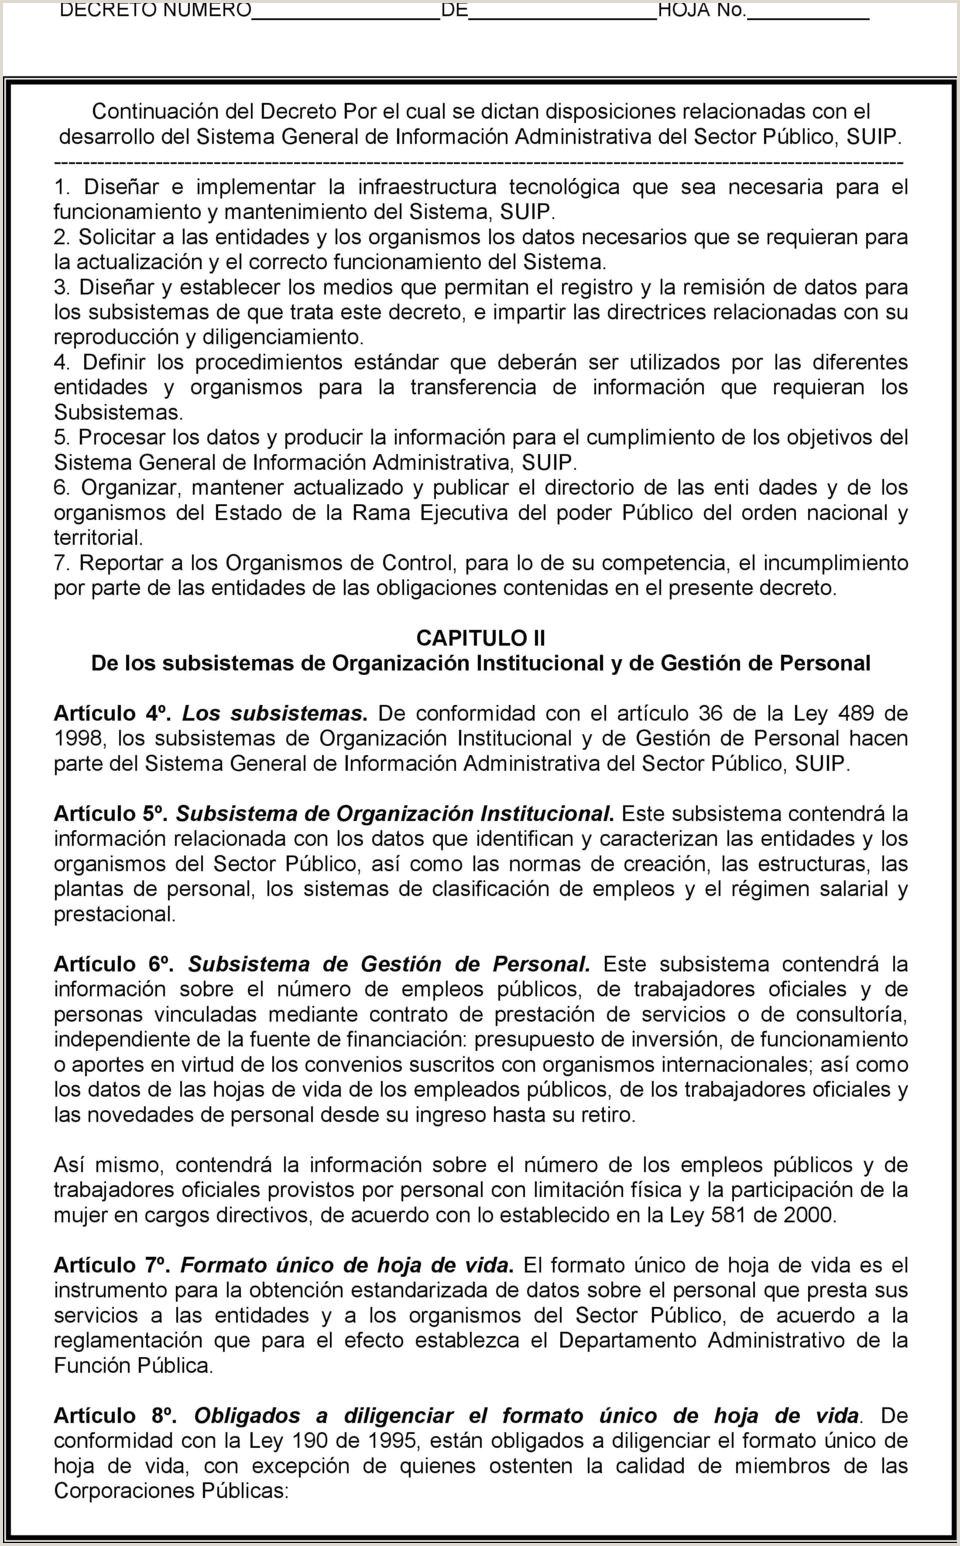 """Hoja De Vida formato Unico Actualizado Departamento Administrativo De La Funci""""n Pšblica Decreto"""